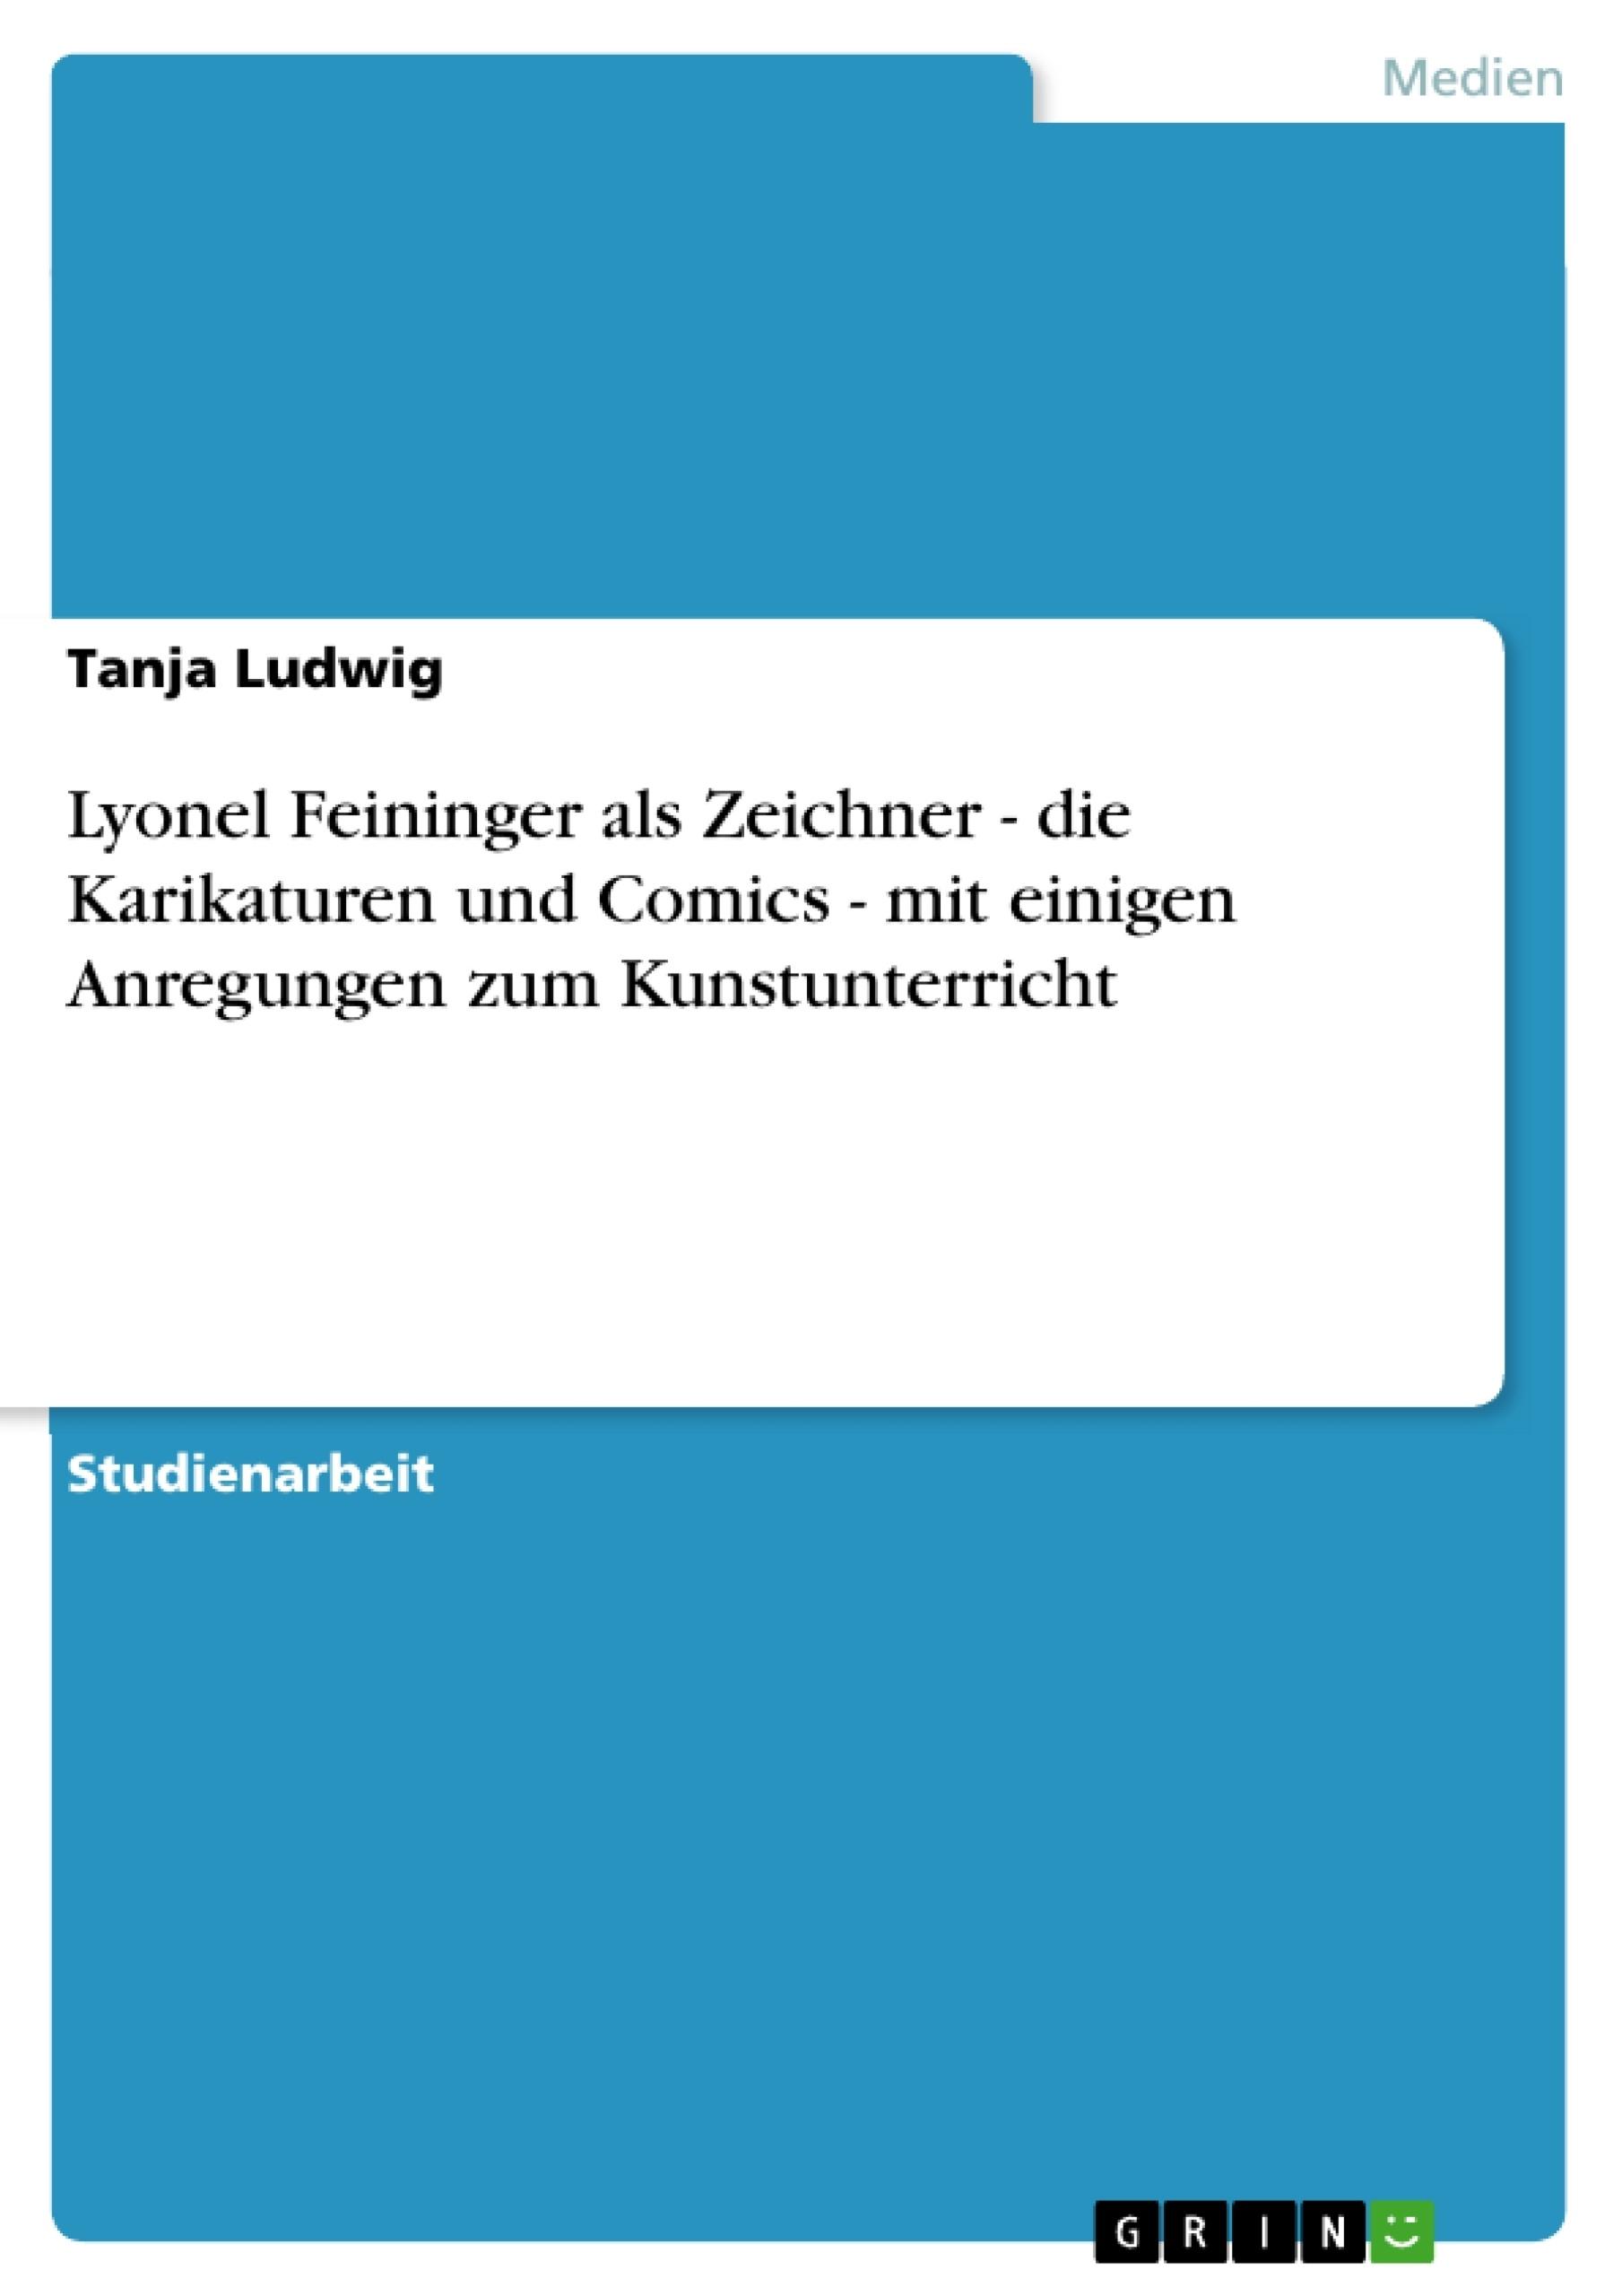 Titel: Lyonel Feininger als Zeichner - die Karikaturen und Comics - mit einigen Anregungen zum Kunstunterricht